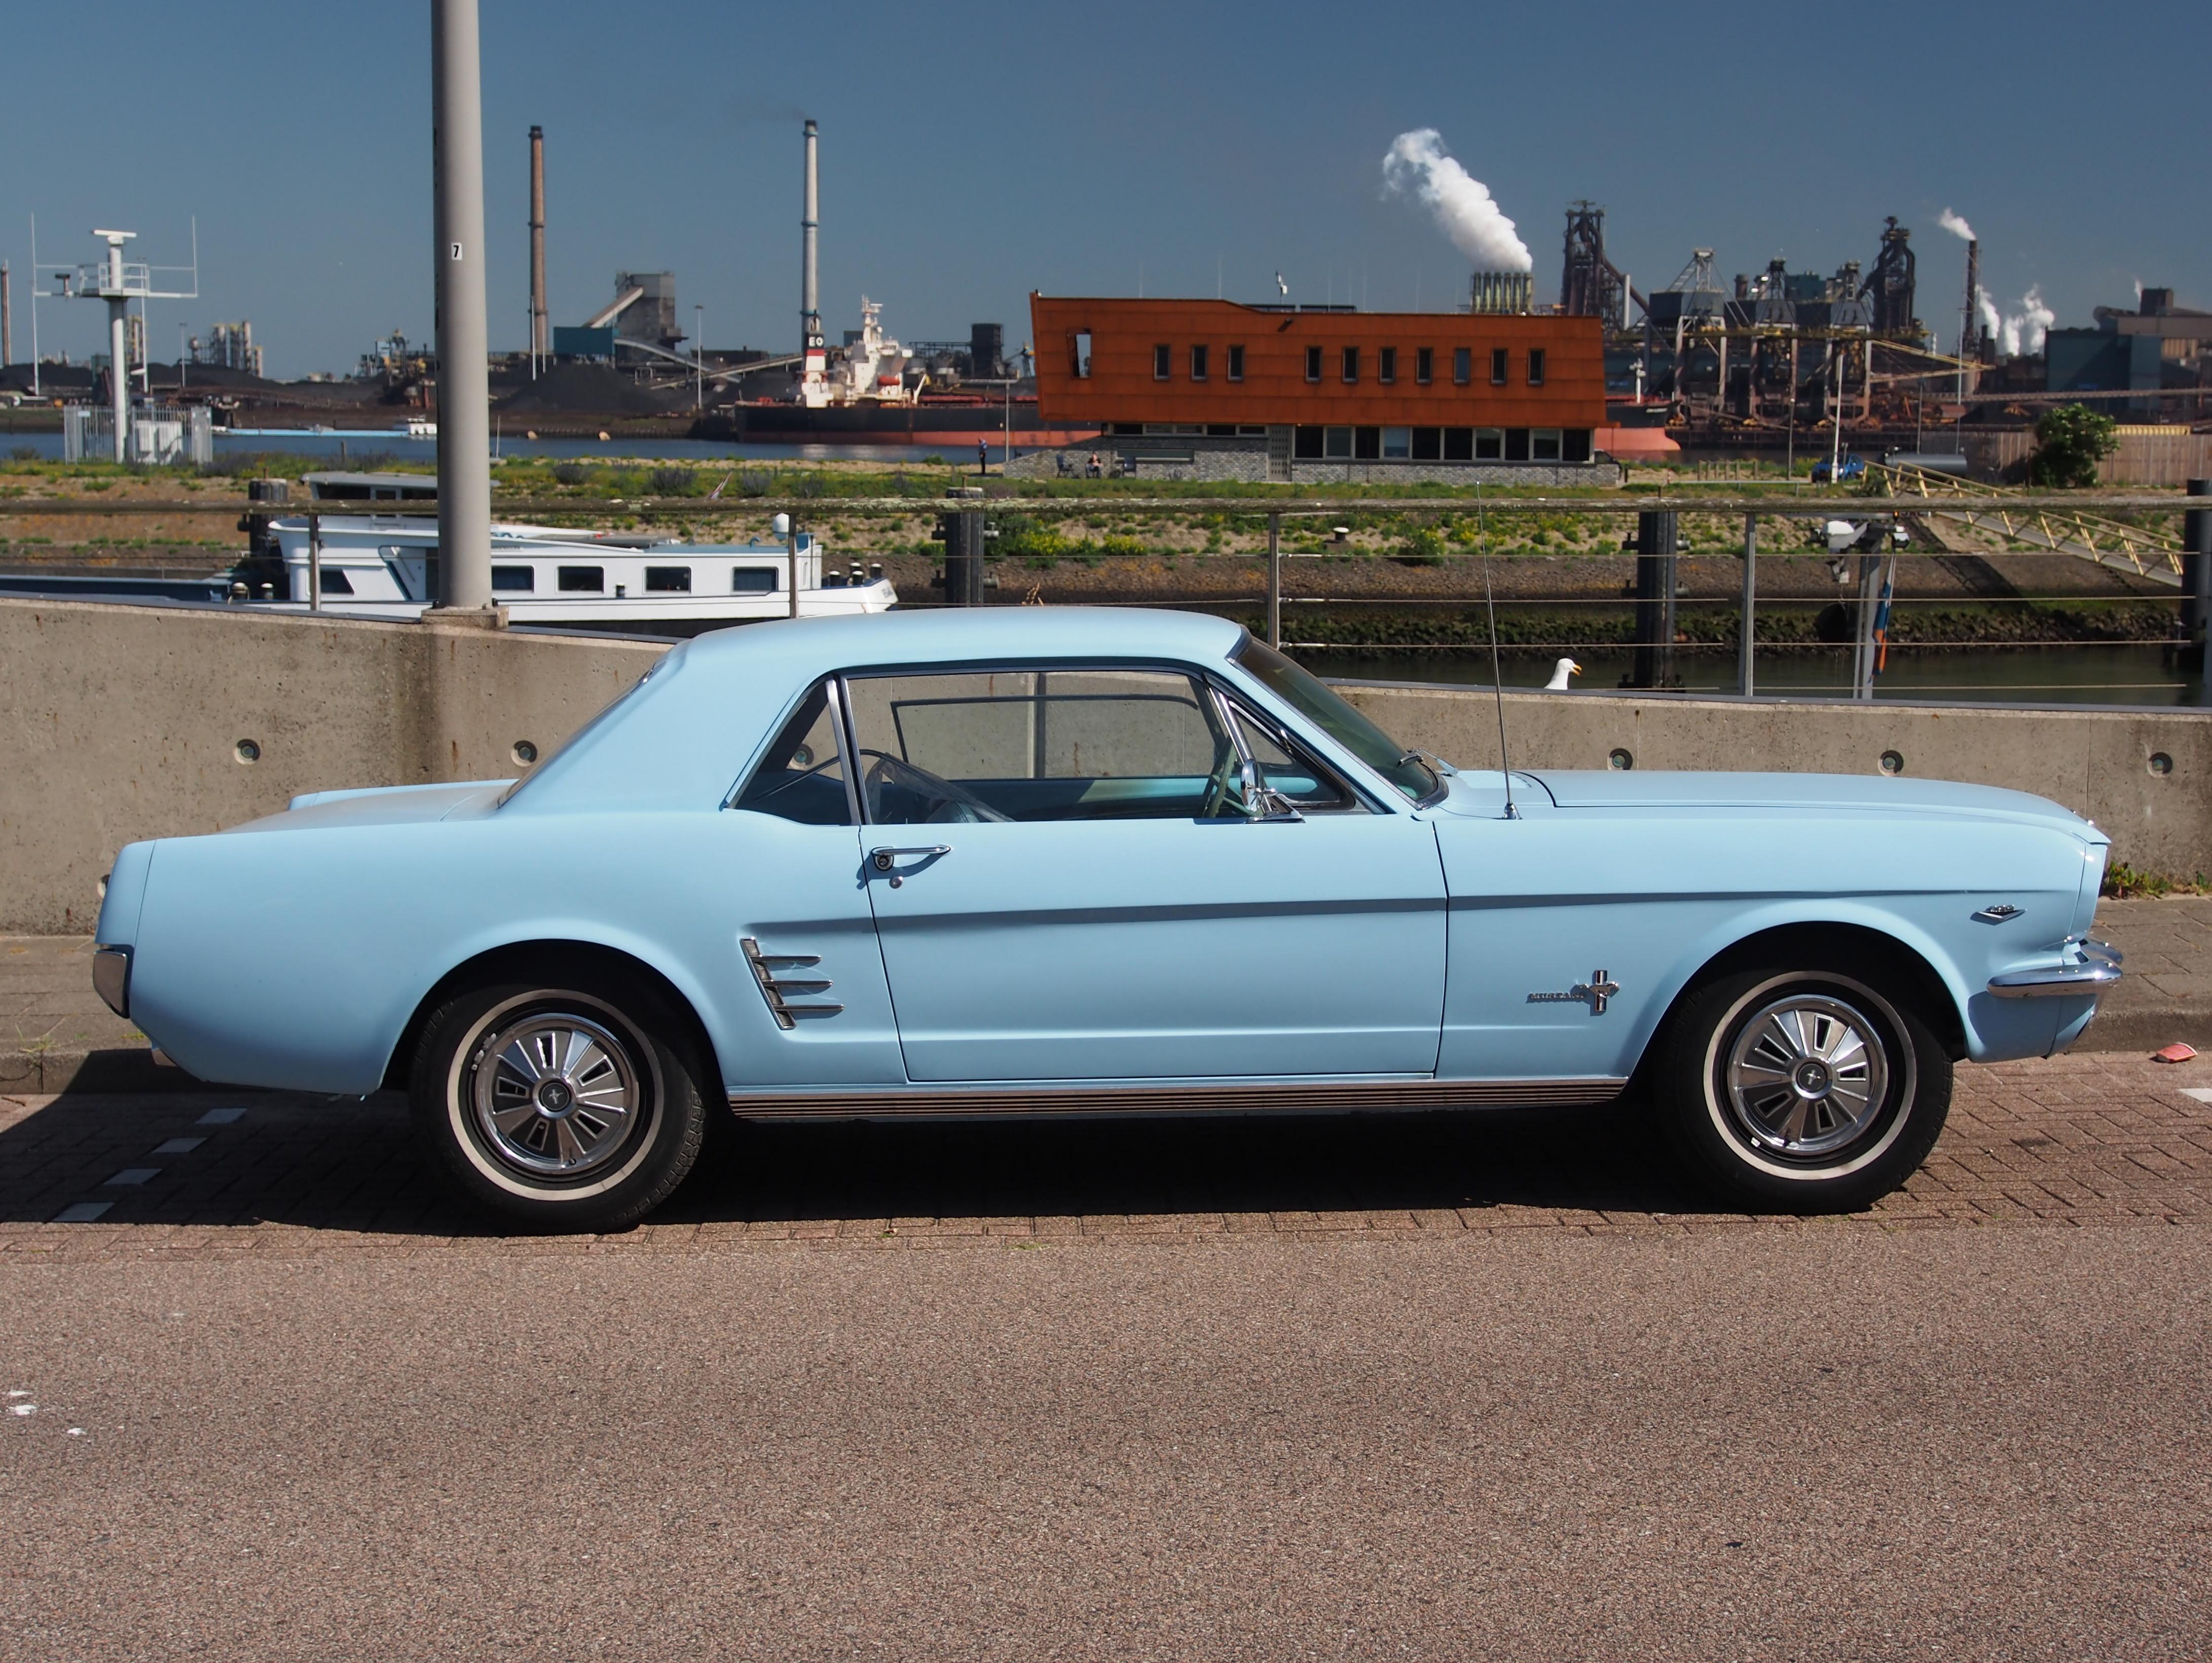 1966_Ford_Mustang_light_blue,_pic3.JPG